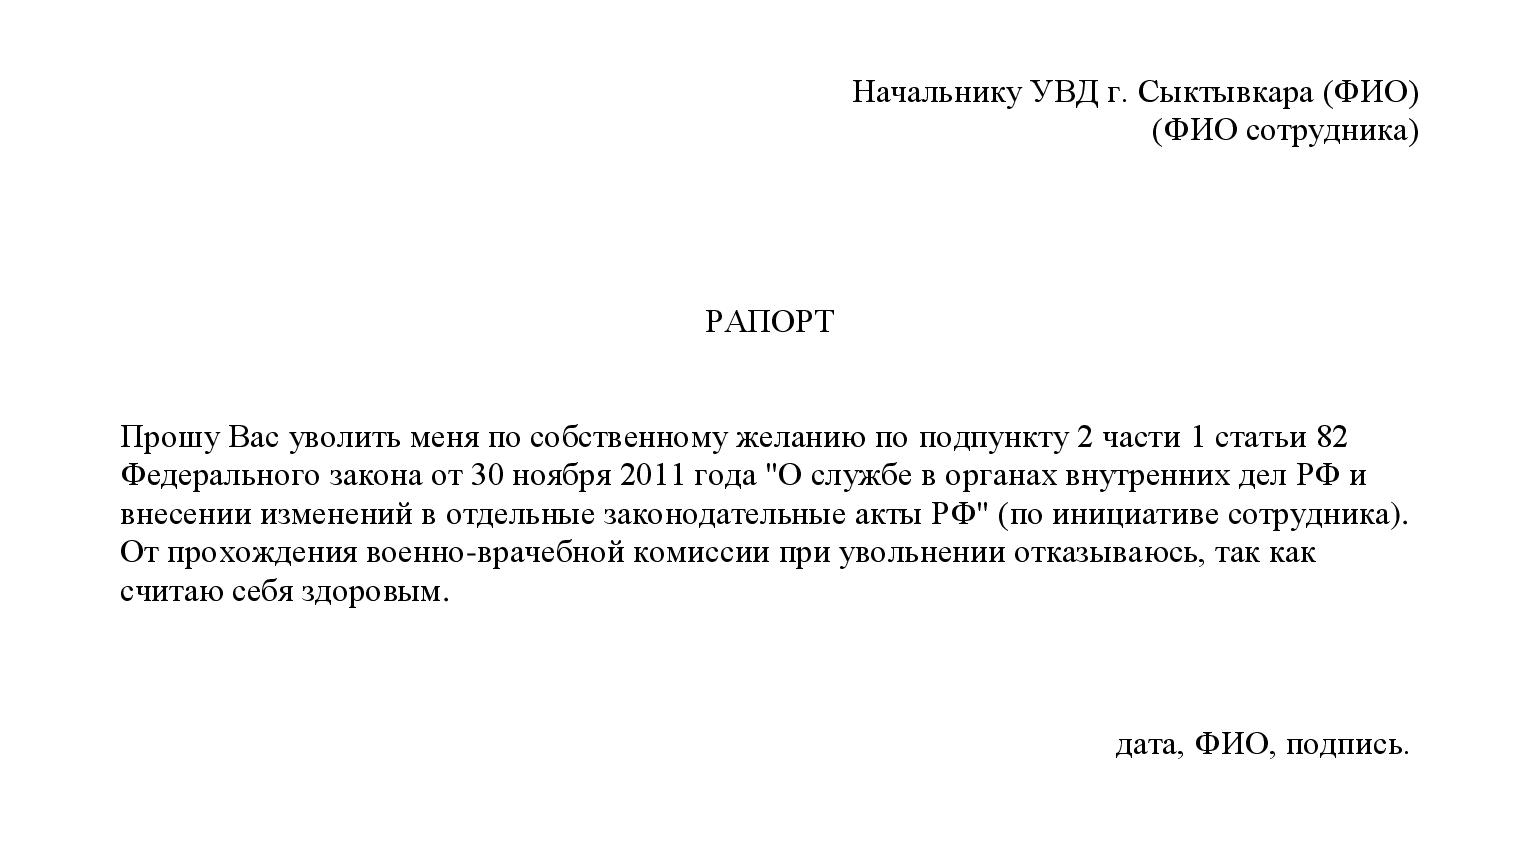 Рапорт о расторжении контракта в МВД по собственному желанию